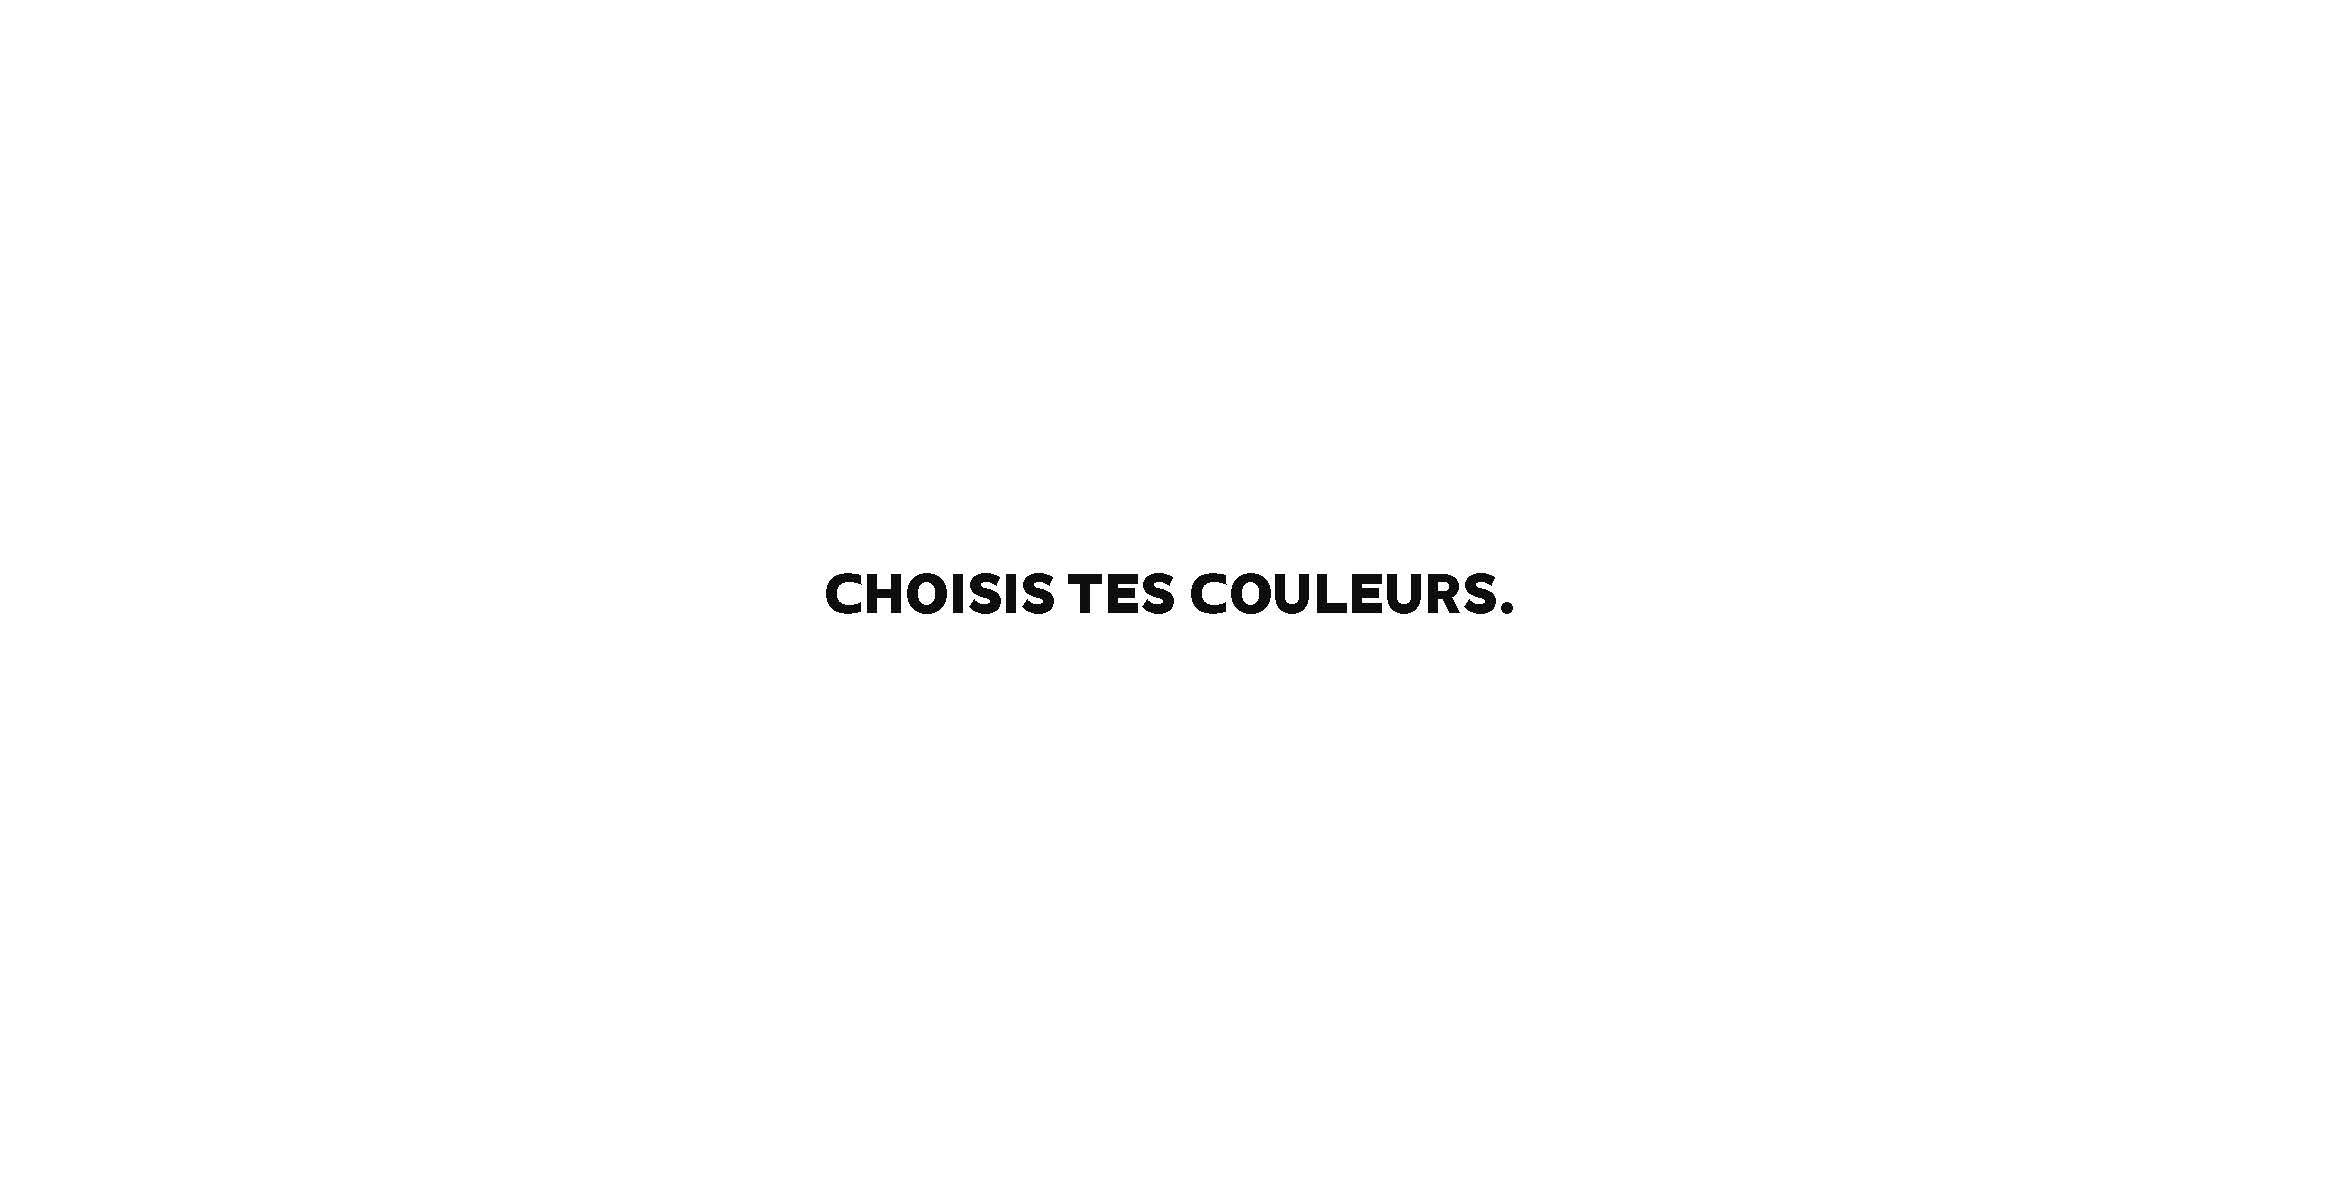 Choisis tes couleurs